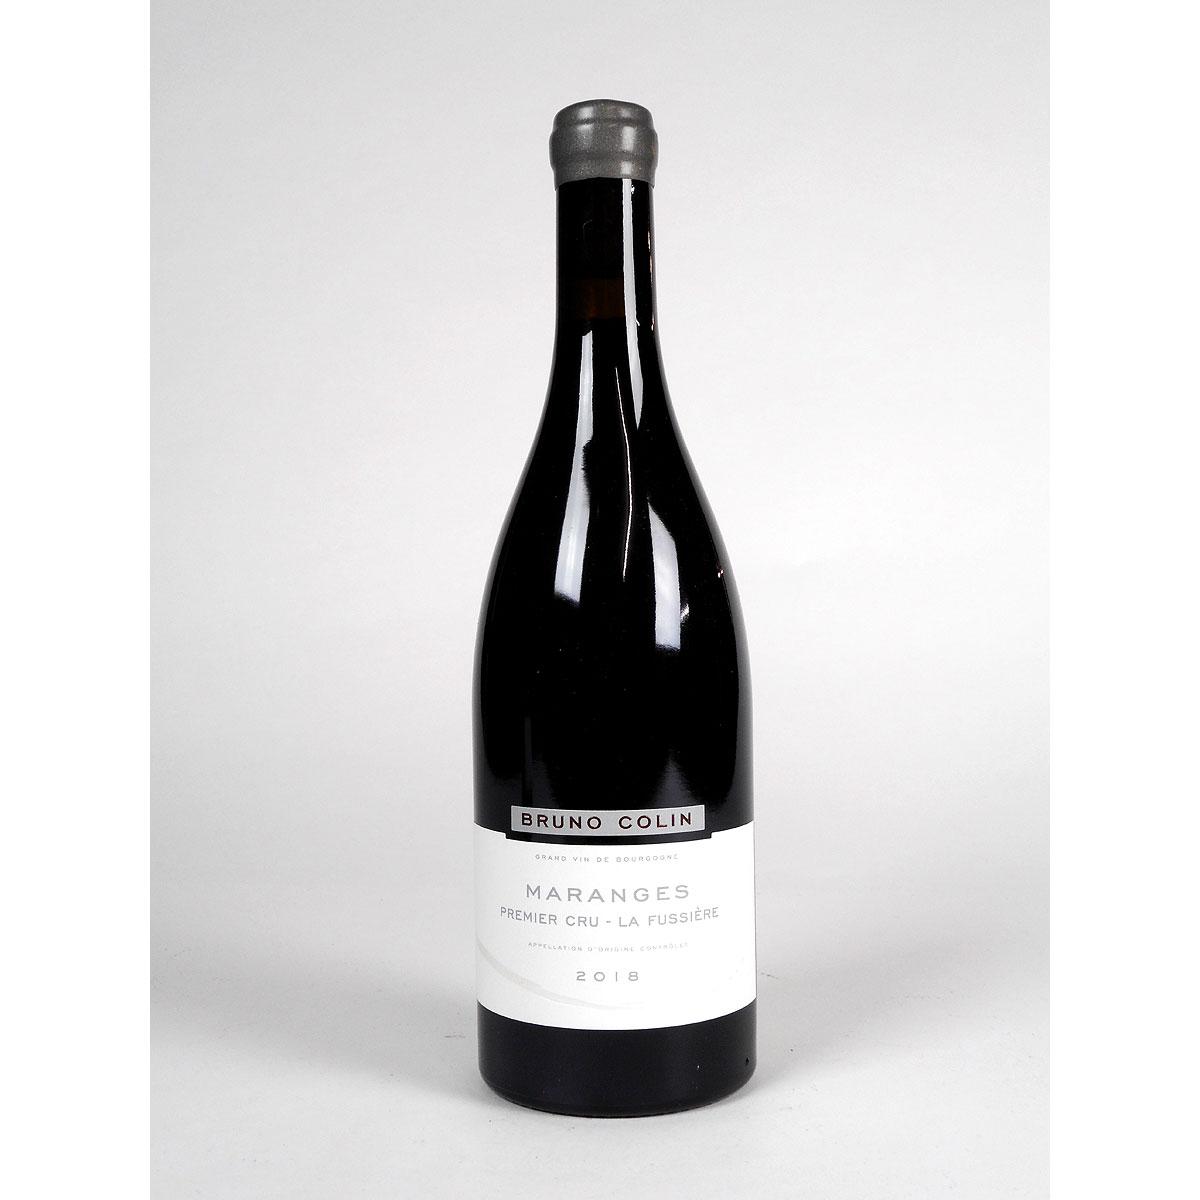 Maranges: Domaine Bruno Colin Premier Cru 'La Fussière' 2018 - Bottle